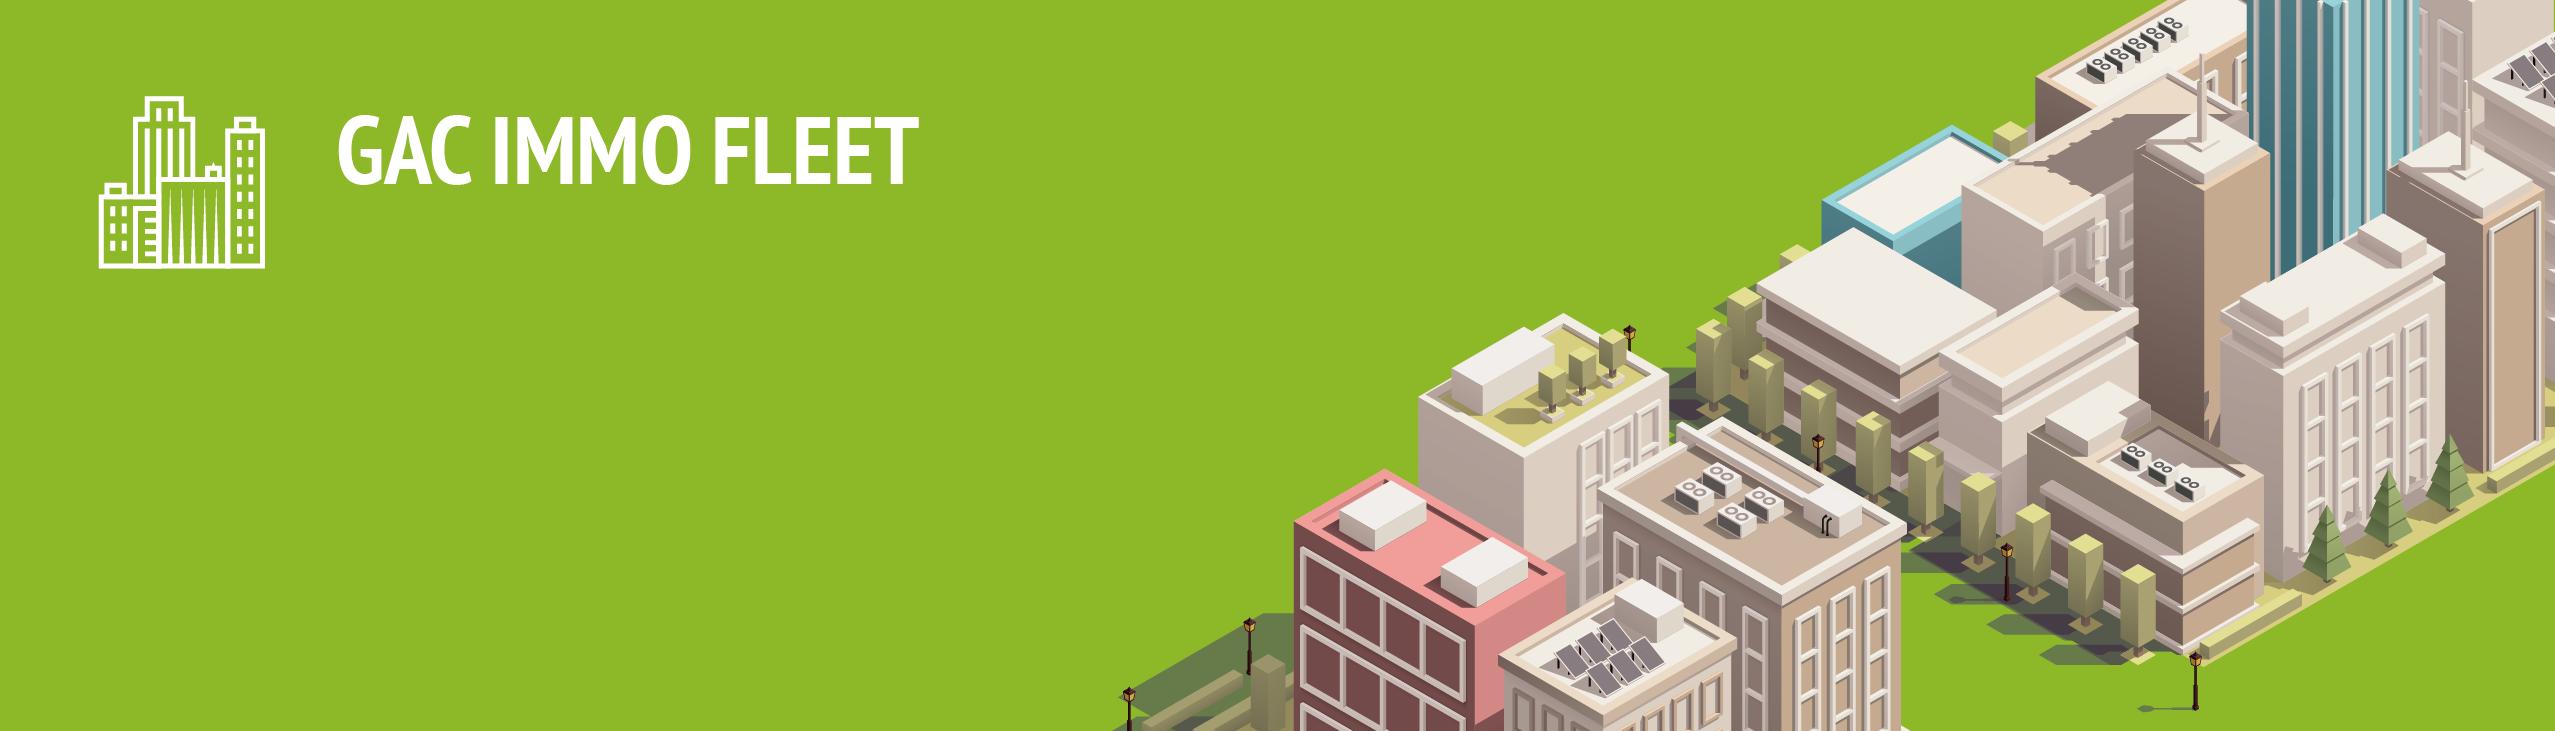 Avis GAC Immo Fleet : Logiciel de gestion de parc immobilier - Appvizer